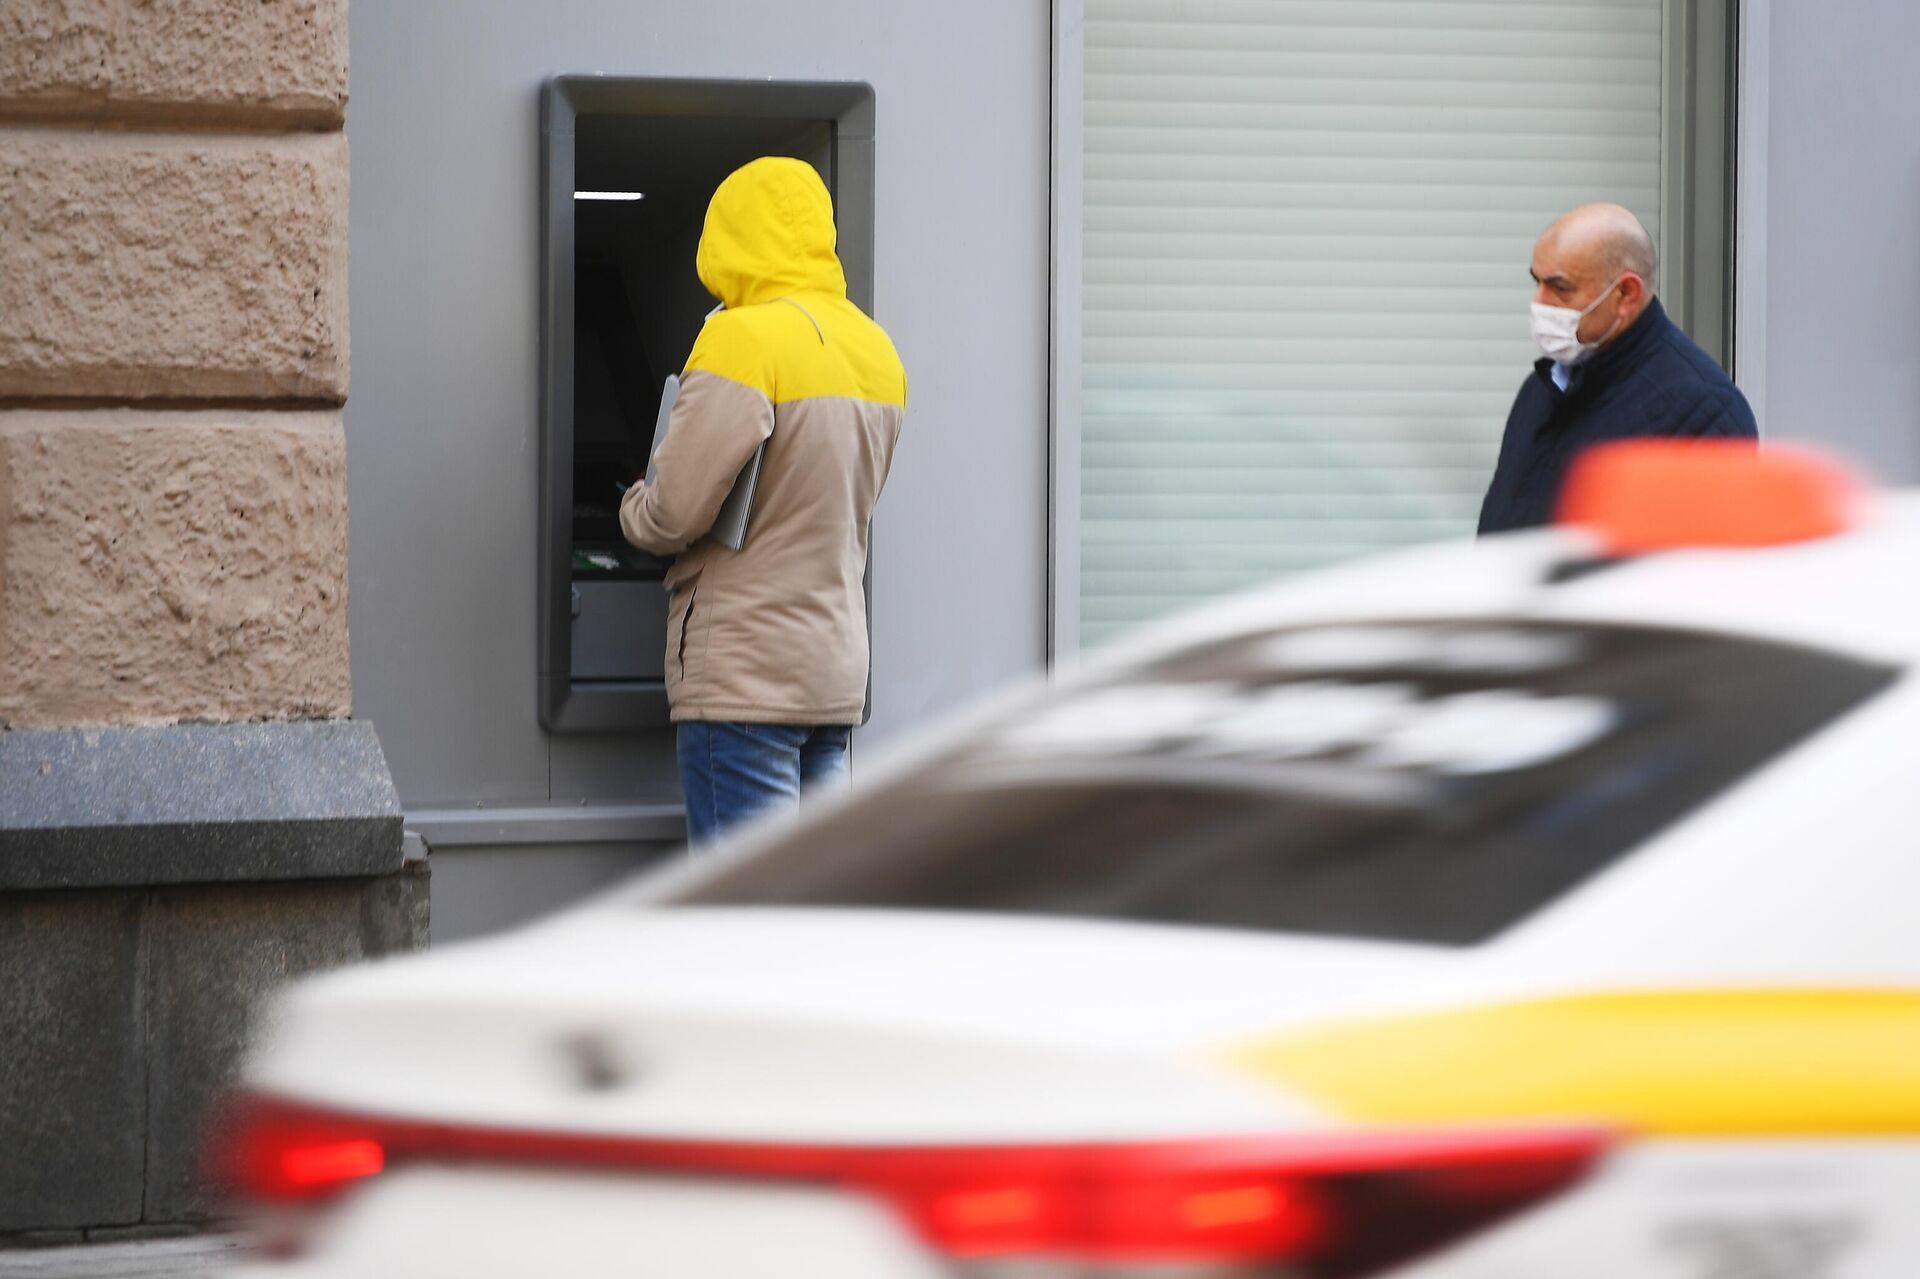 Ушли в кеш: россияне вынесли из банков миллиарды